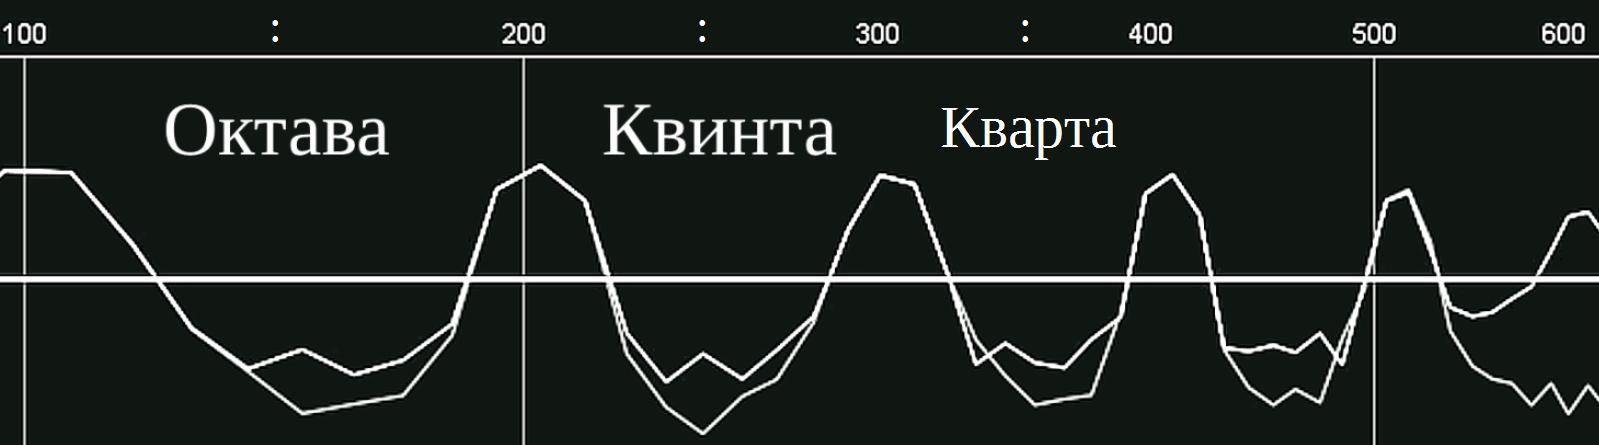 Интервалы образующиеся между двумя соседними по частотам обертонами звука